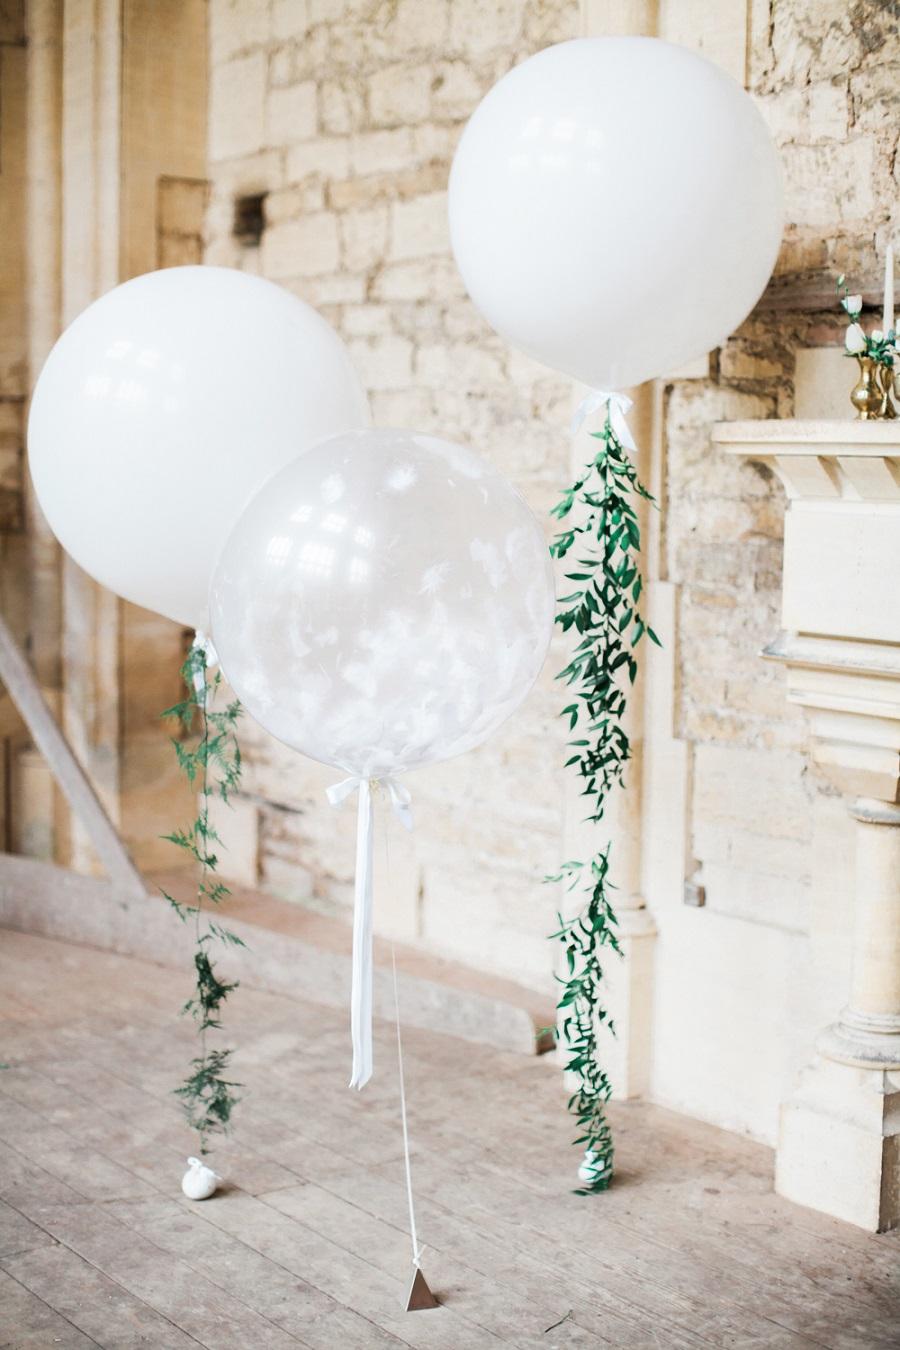 Grote ballonnen als bruiloft versiering